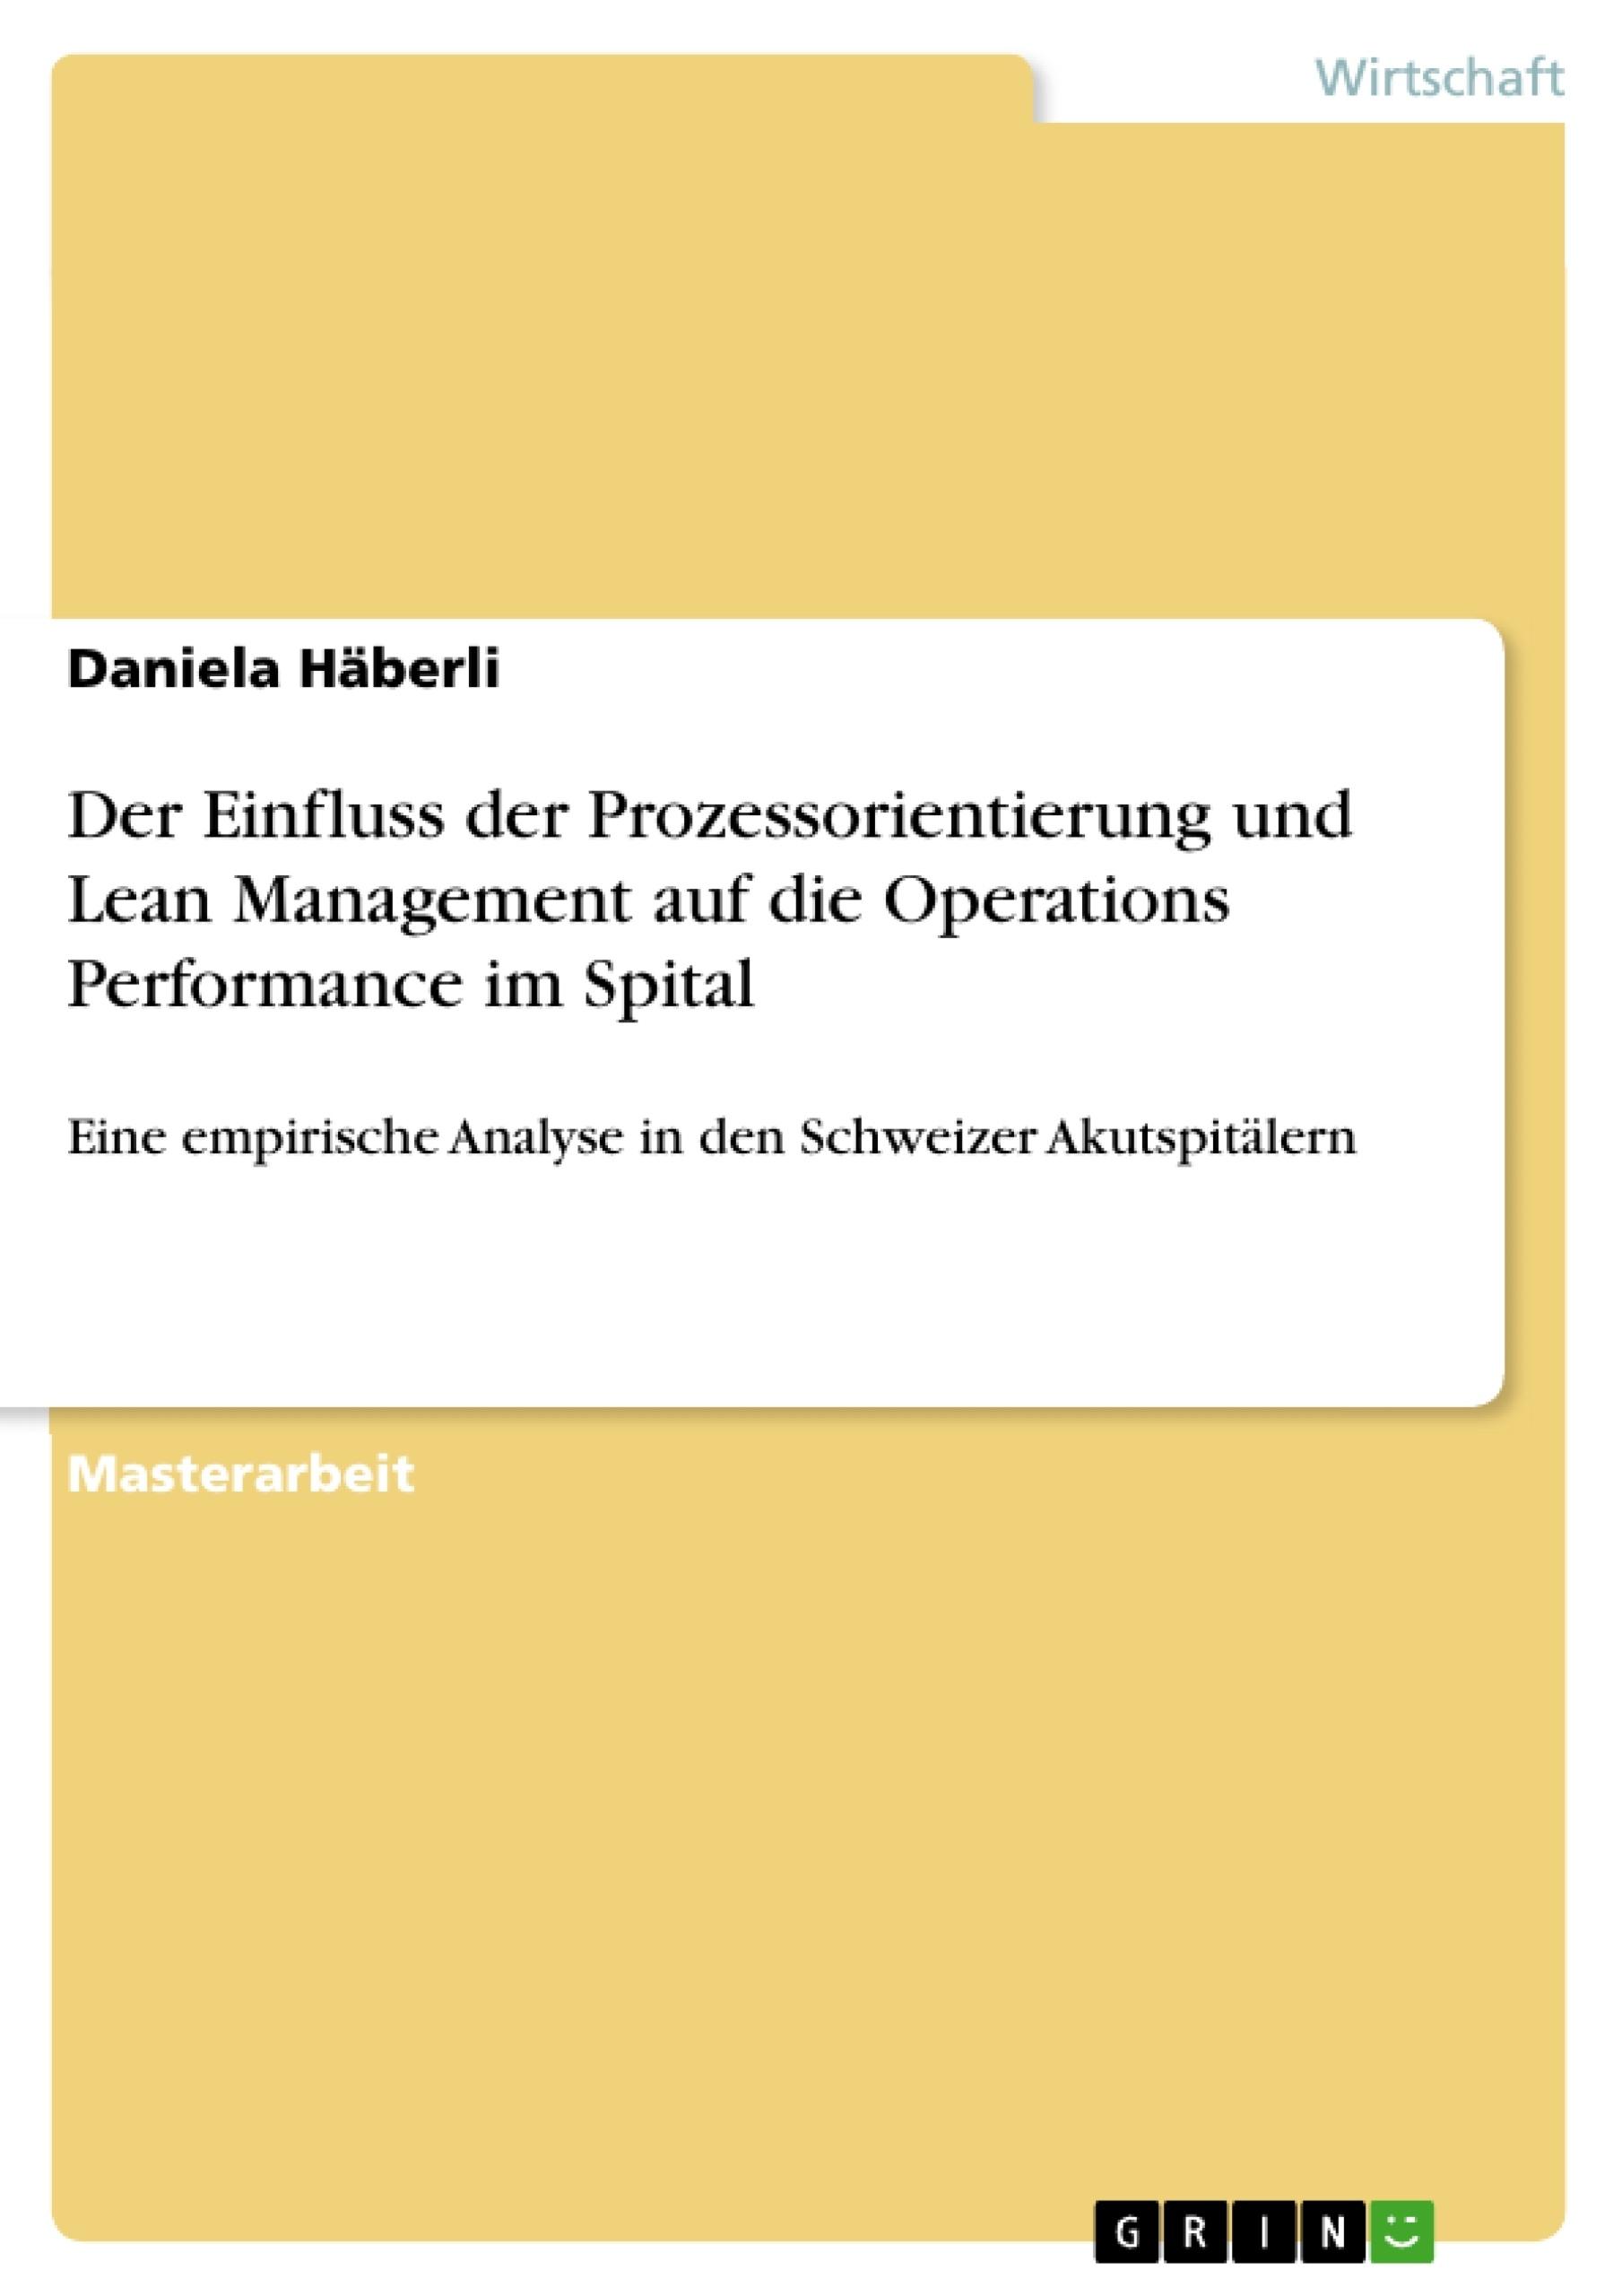 Titel: Der Einfluss der Prozessorientierung und Lean Management auf die Operations Performance im Spital